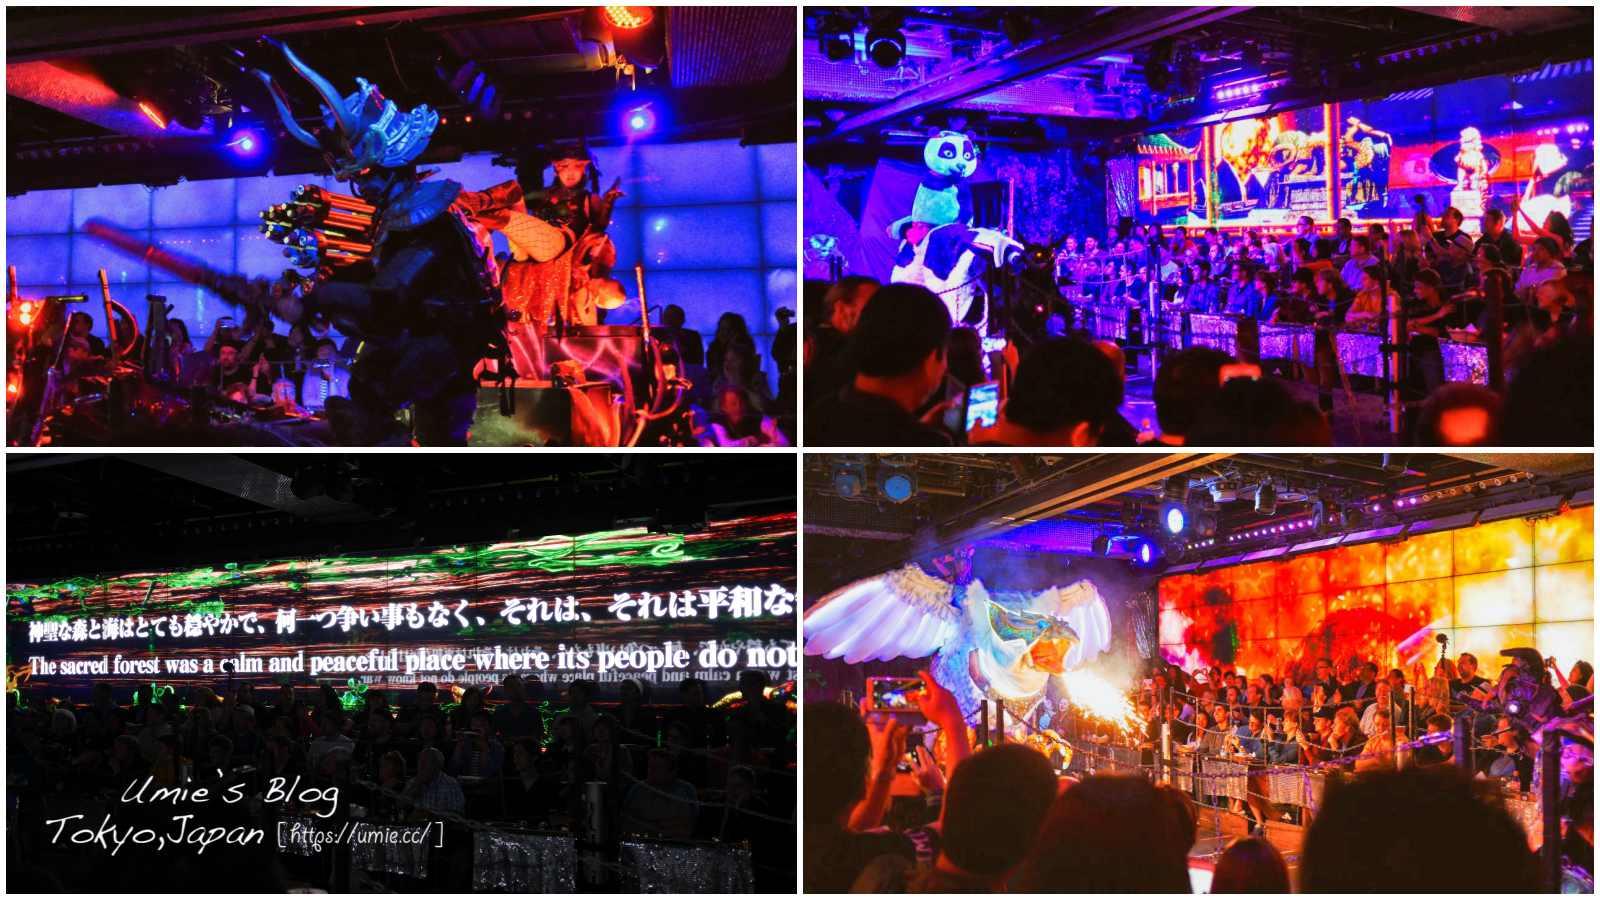 日本東京自助旅行景點推薦|新宿機器人餐廳 Robot Restaurant!好萊塢明星推薦必看歌舞伎町,感受最HIGH東京夜生活!